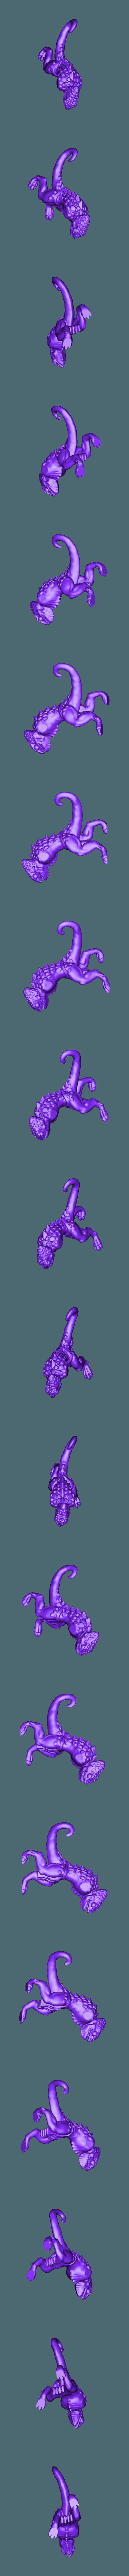 body_v3.stl Télécharger fichier STL gratuit Miniatures de guerriers caméléons • Design à imprimer en 3D, Ilhadiel